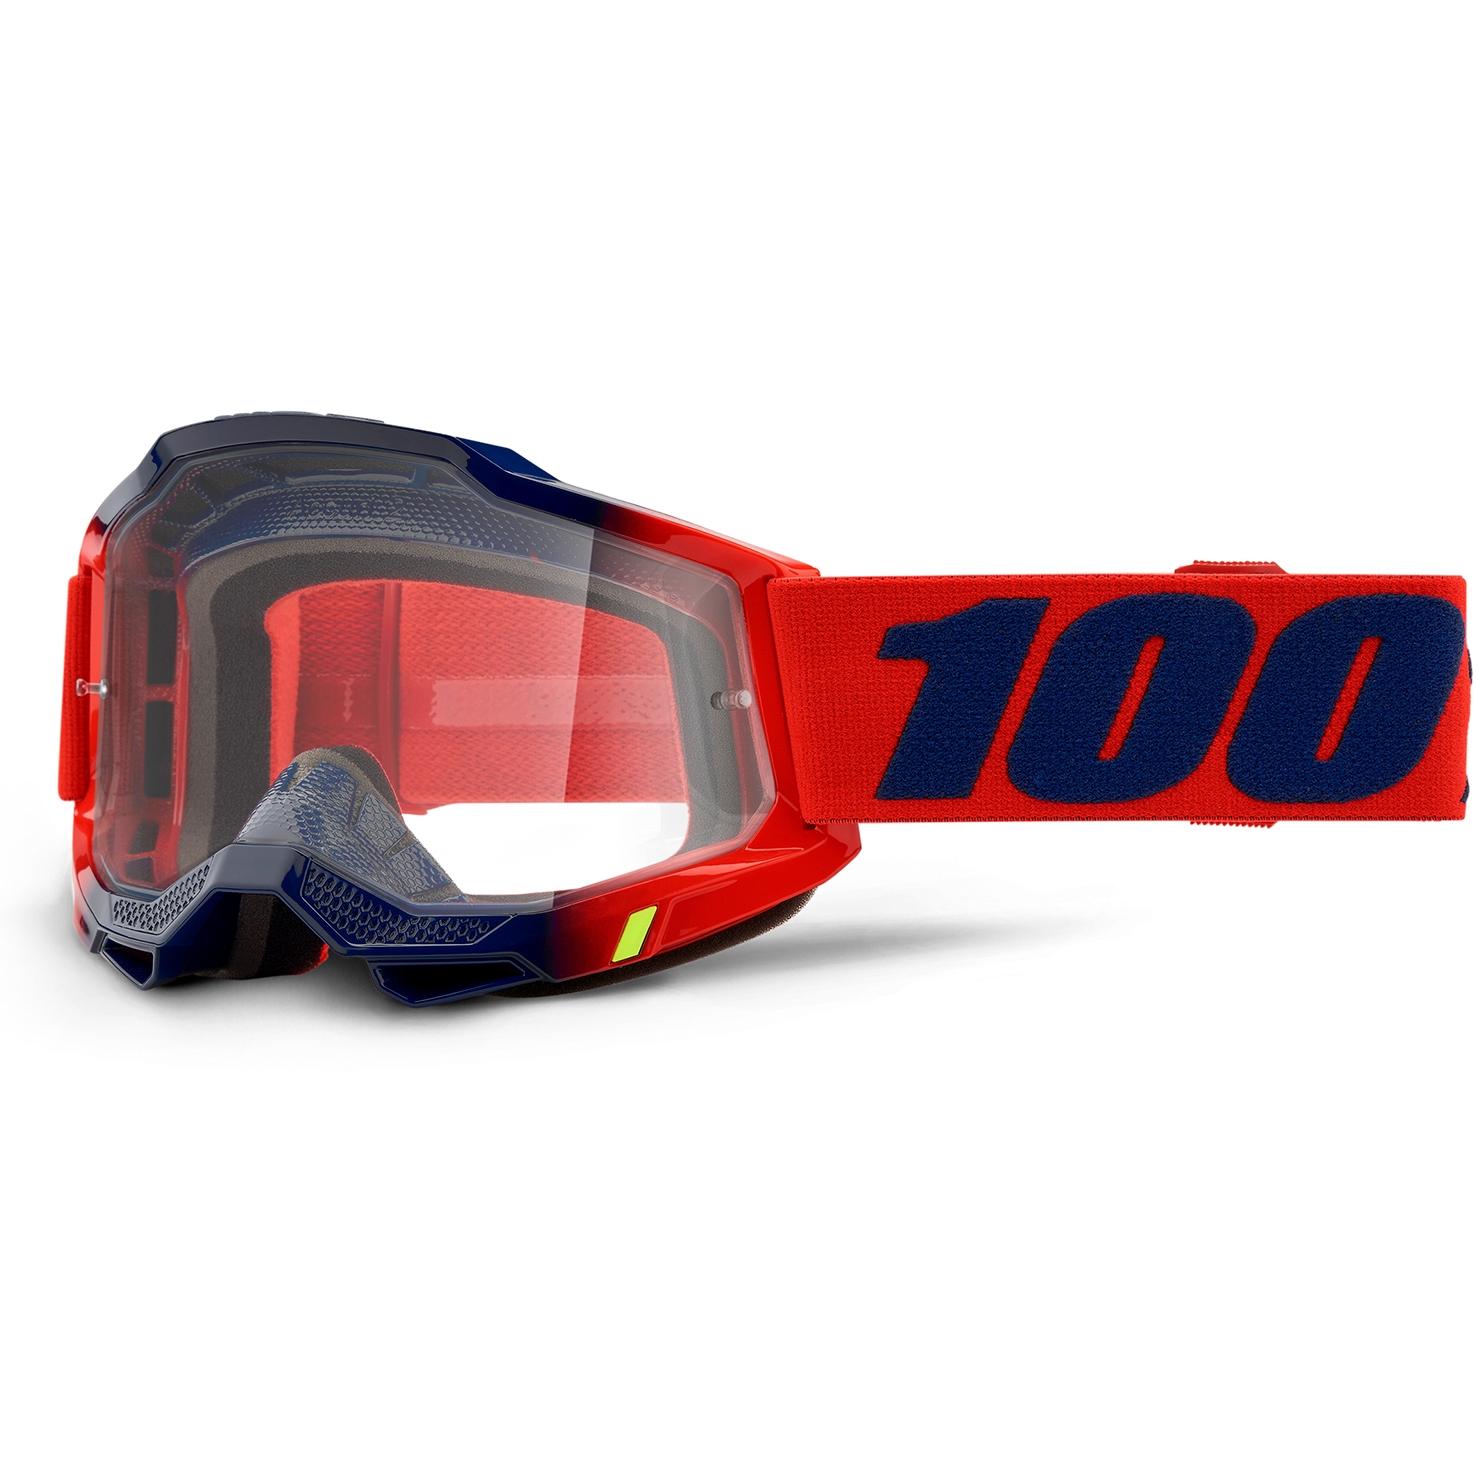 Imagen de 100% Accuri 2 Goggle Clear Lens Gafas - Kearny